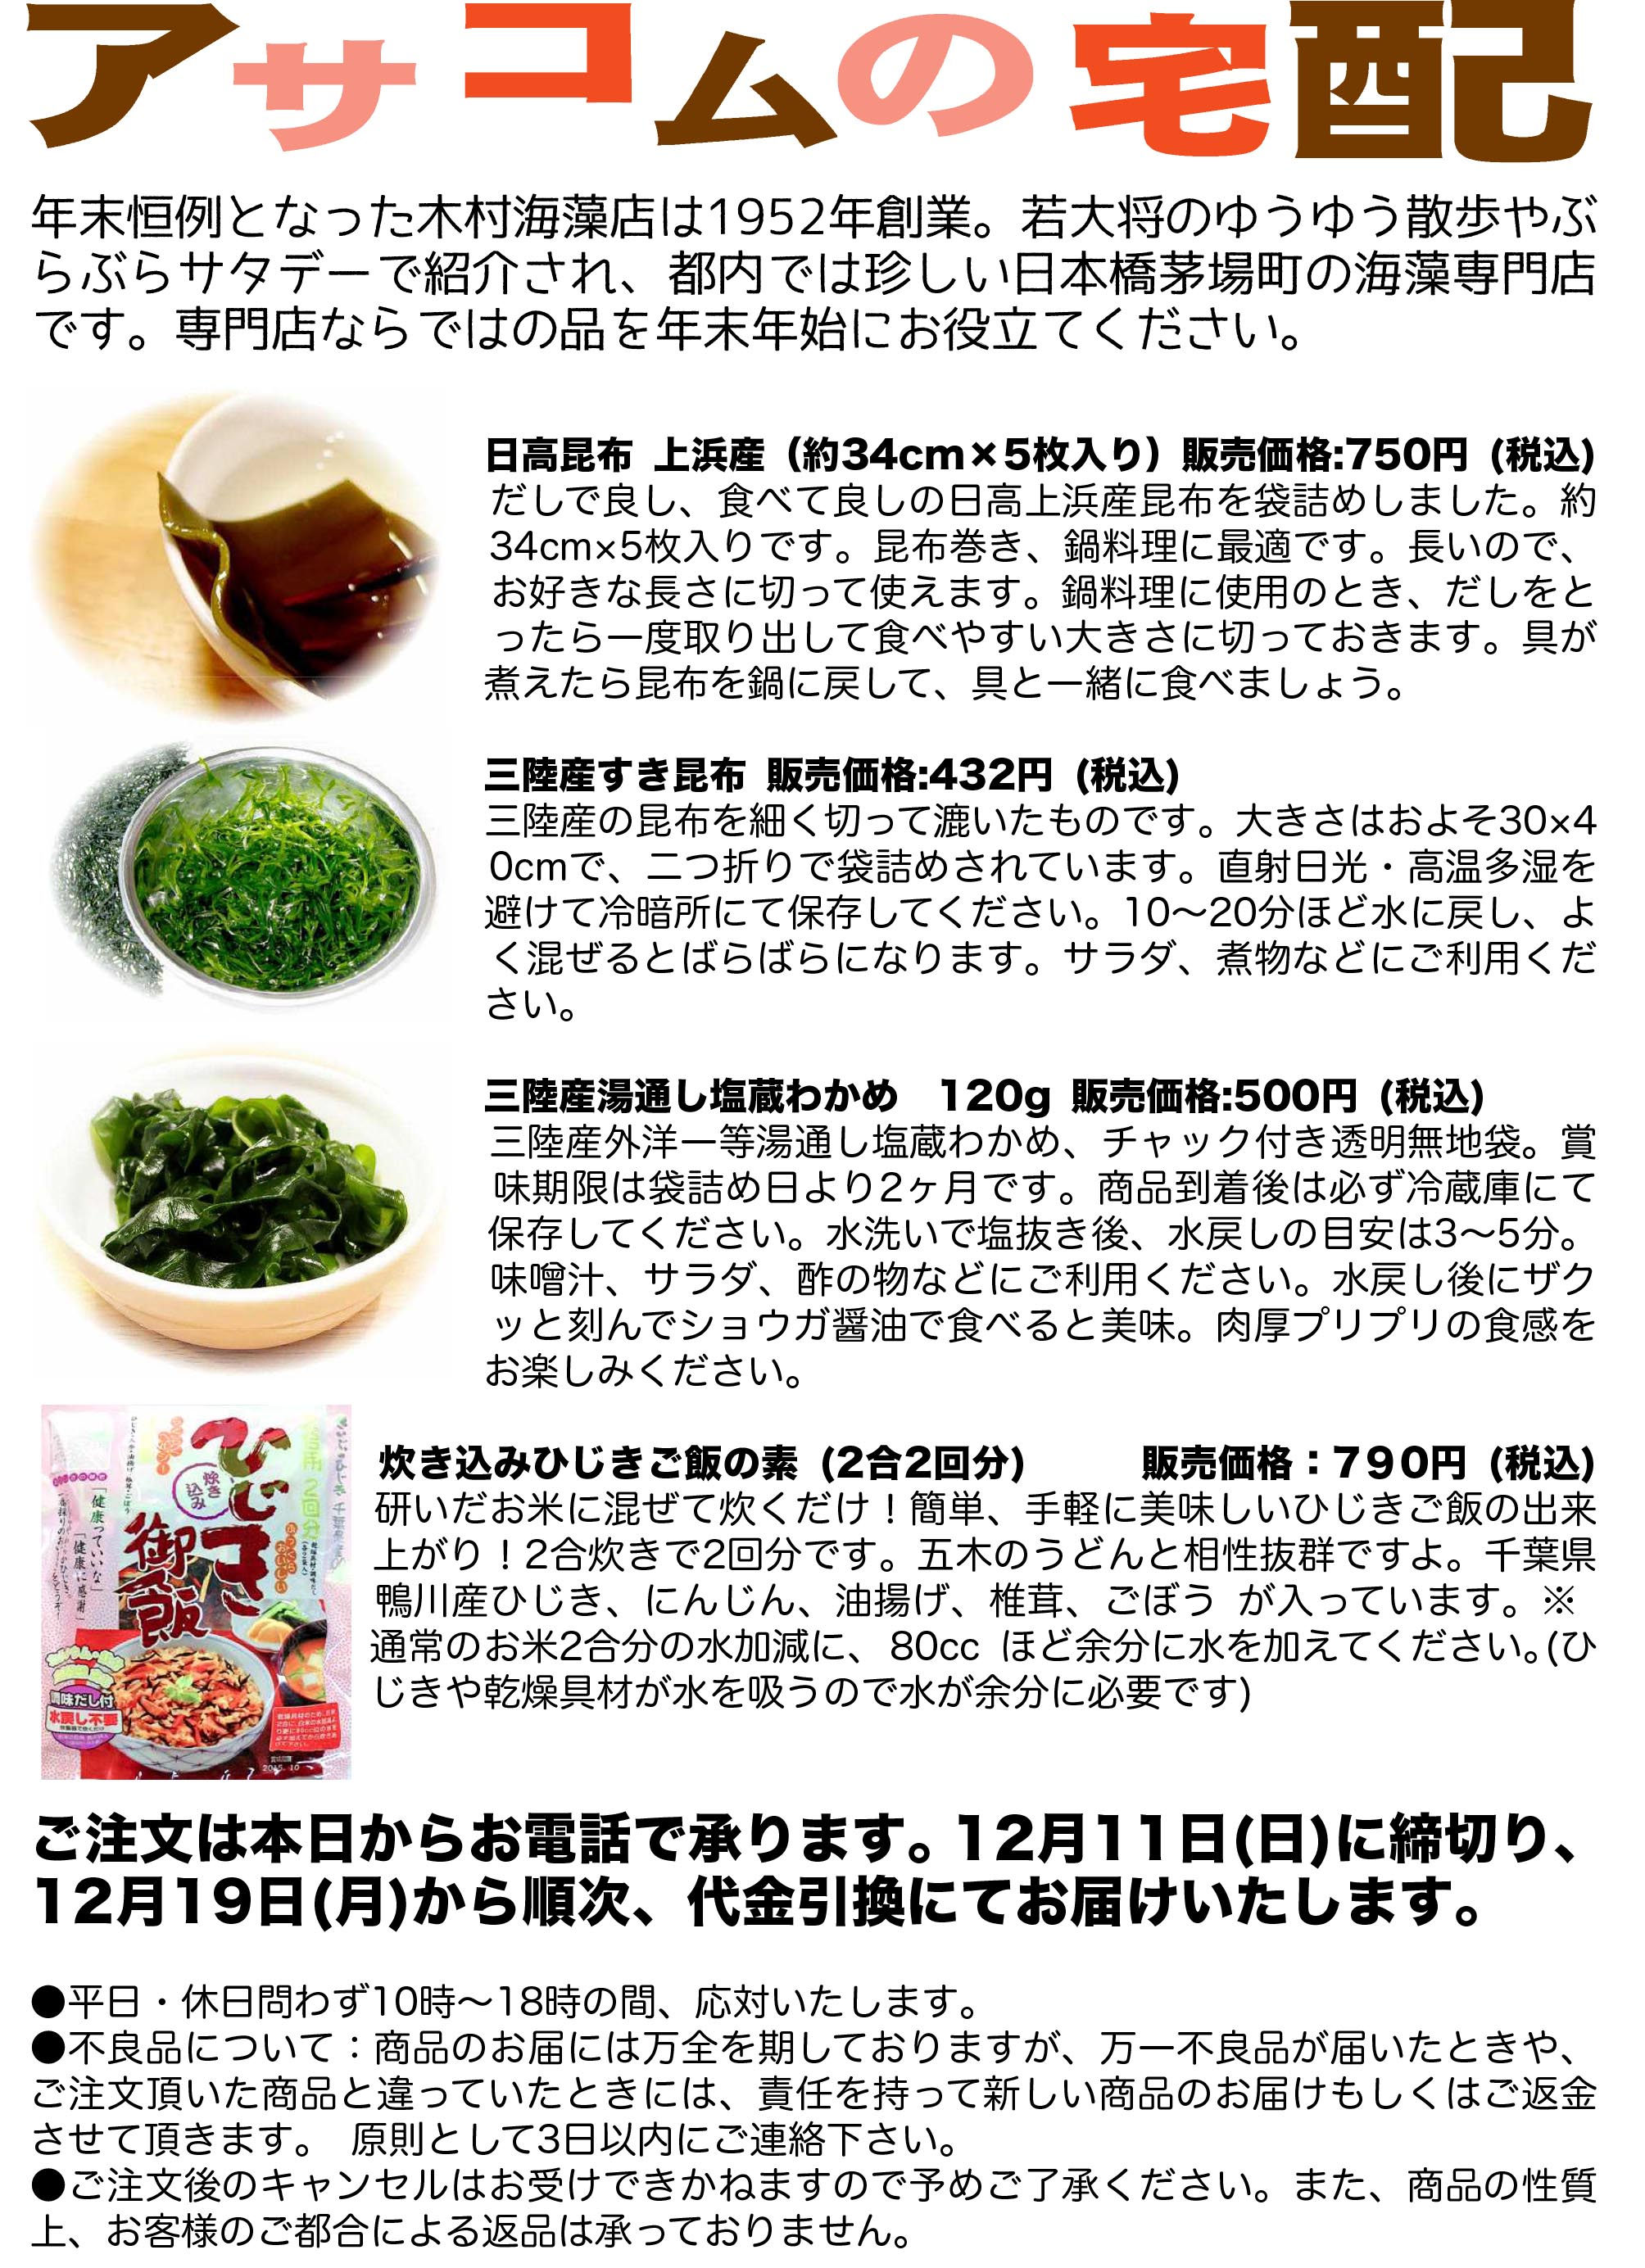 Taro-あさこむ通信1612